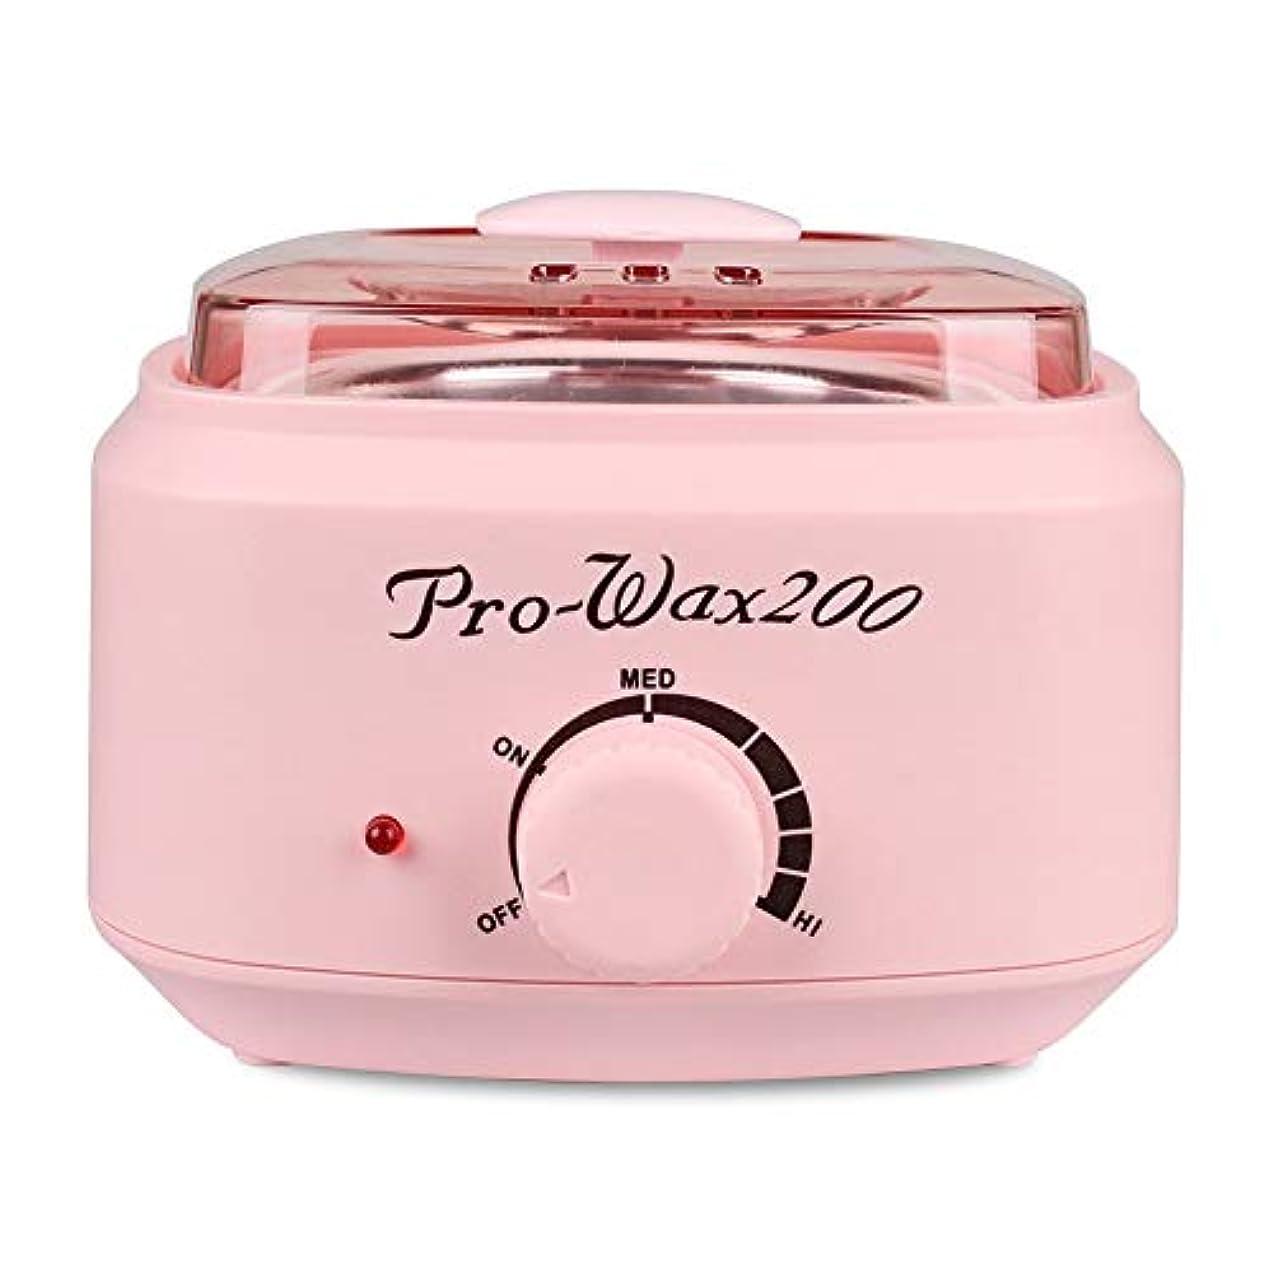 きれいに発疹クスクスプロの電気ワックスウォーマーとヒーター、速くて痛みのない脱毛、楽器多機能溶融ワックスマシンホームワックス女性/男性用500CC (Color : Pink)